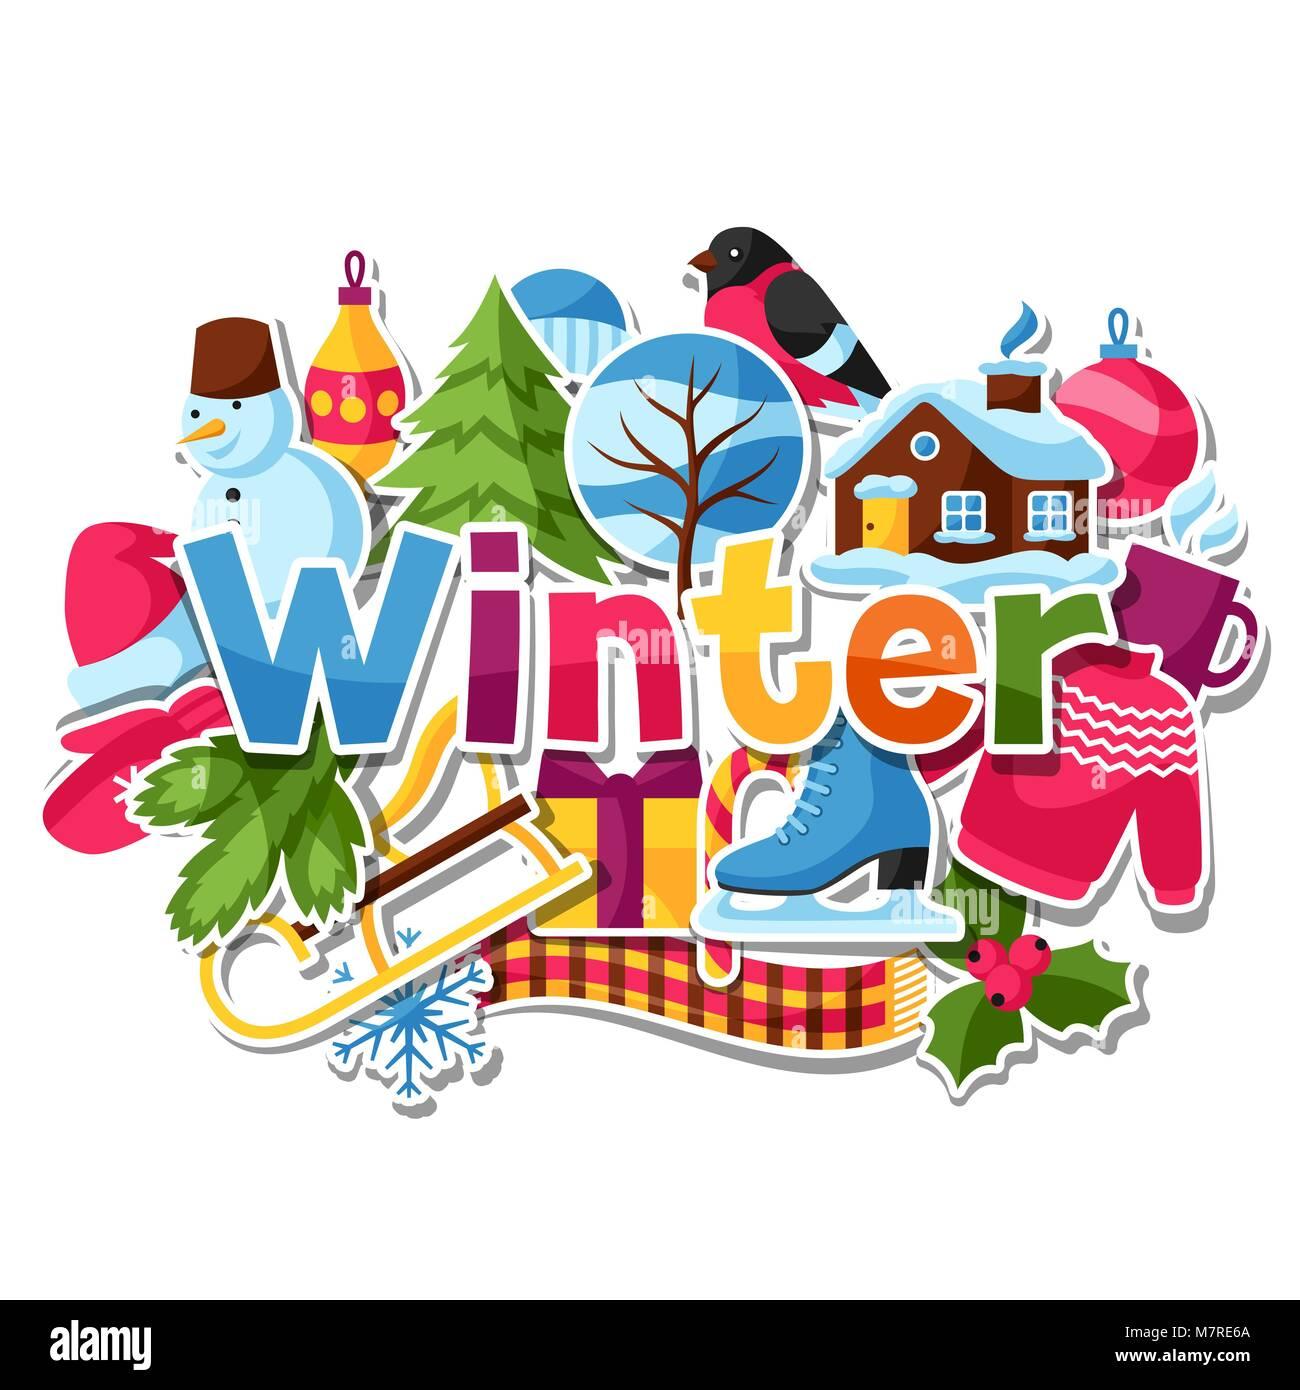 Adesivi Buon Natale.Sfondo Con Adesivi Per L Inverno Buon Natale E Felice Anno